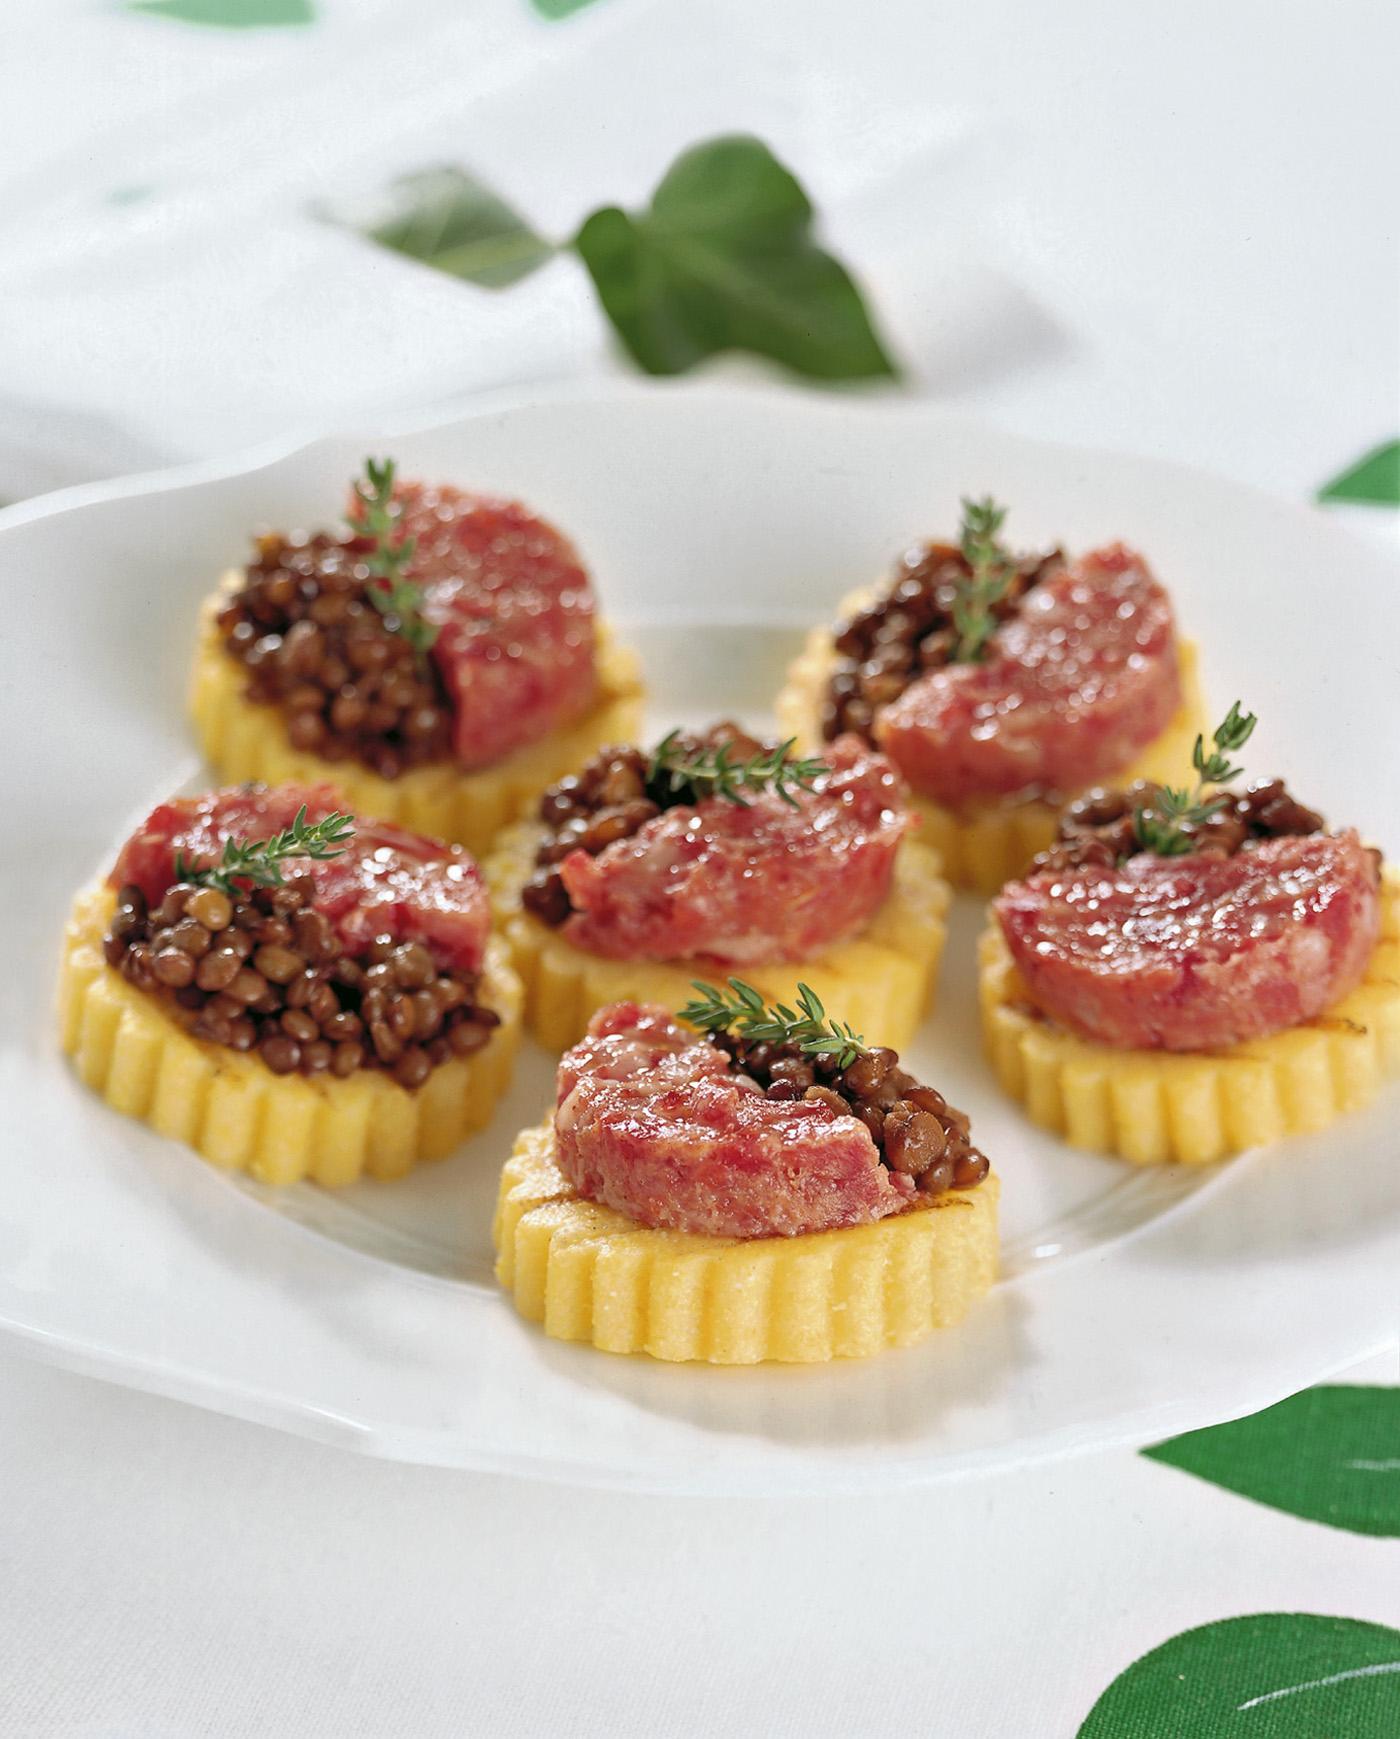 Ricette semplici e veloci per il menu di capodanno sale pepe for Ricette cucina semplici